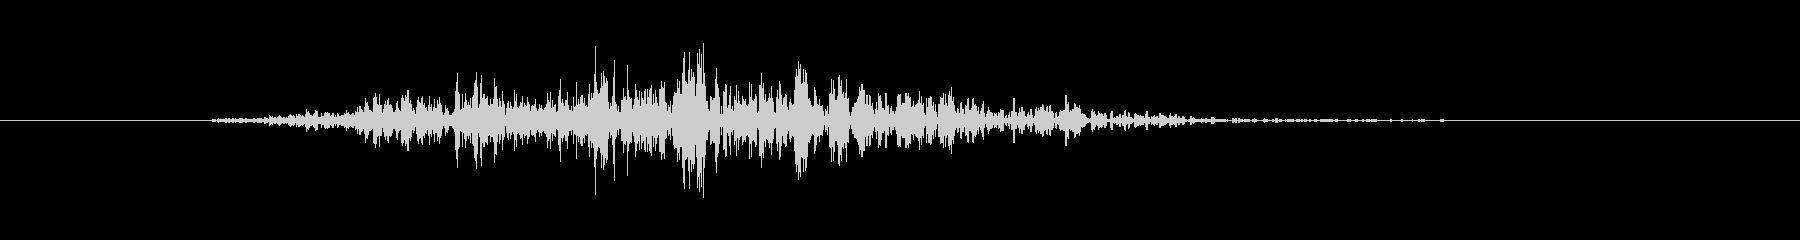 ガオー(獣 怪獣 モンスター 鳴き声)の未再生の波形